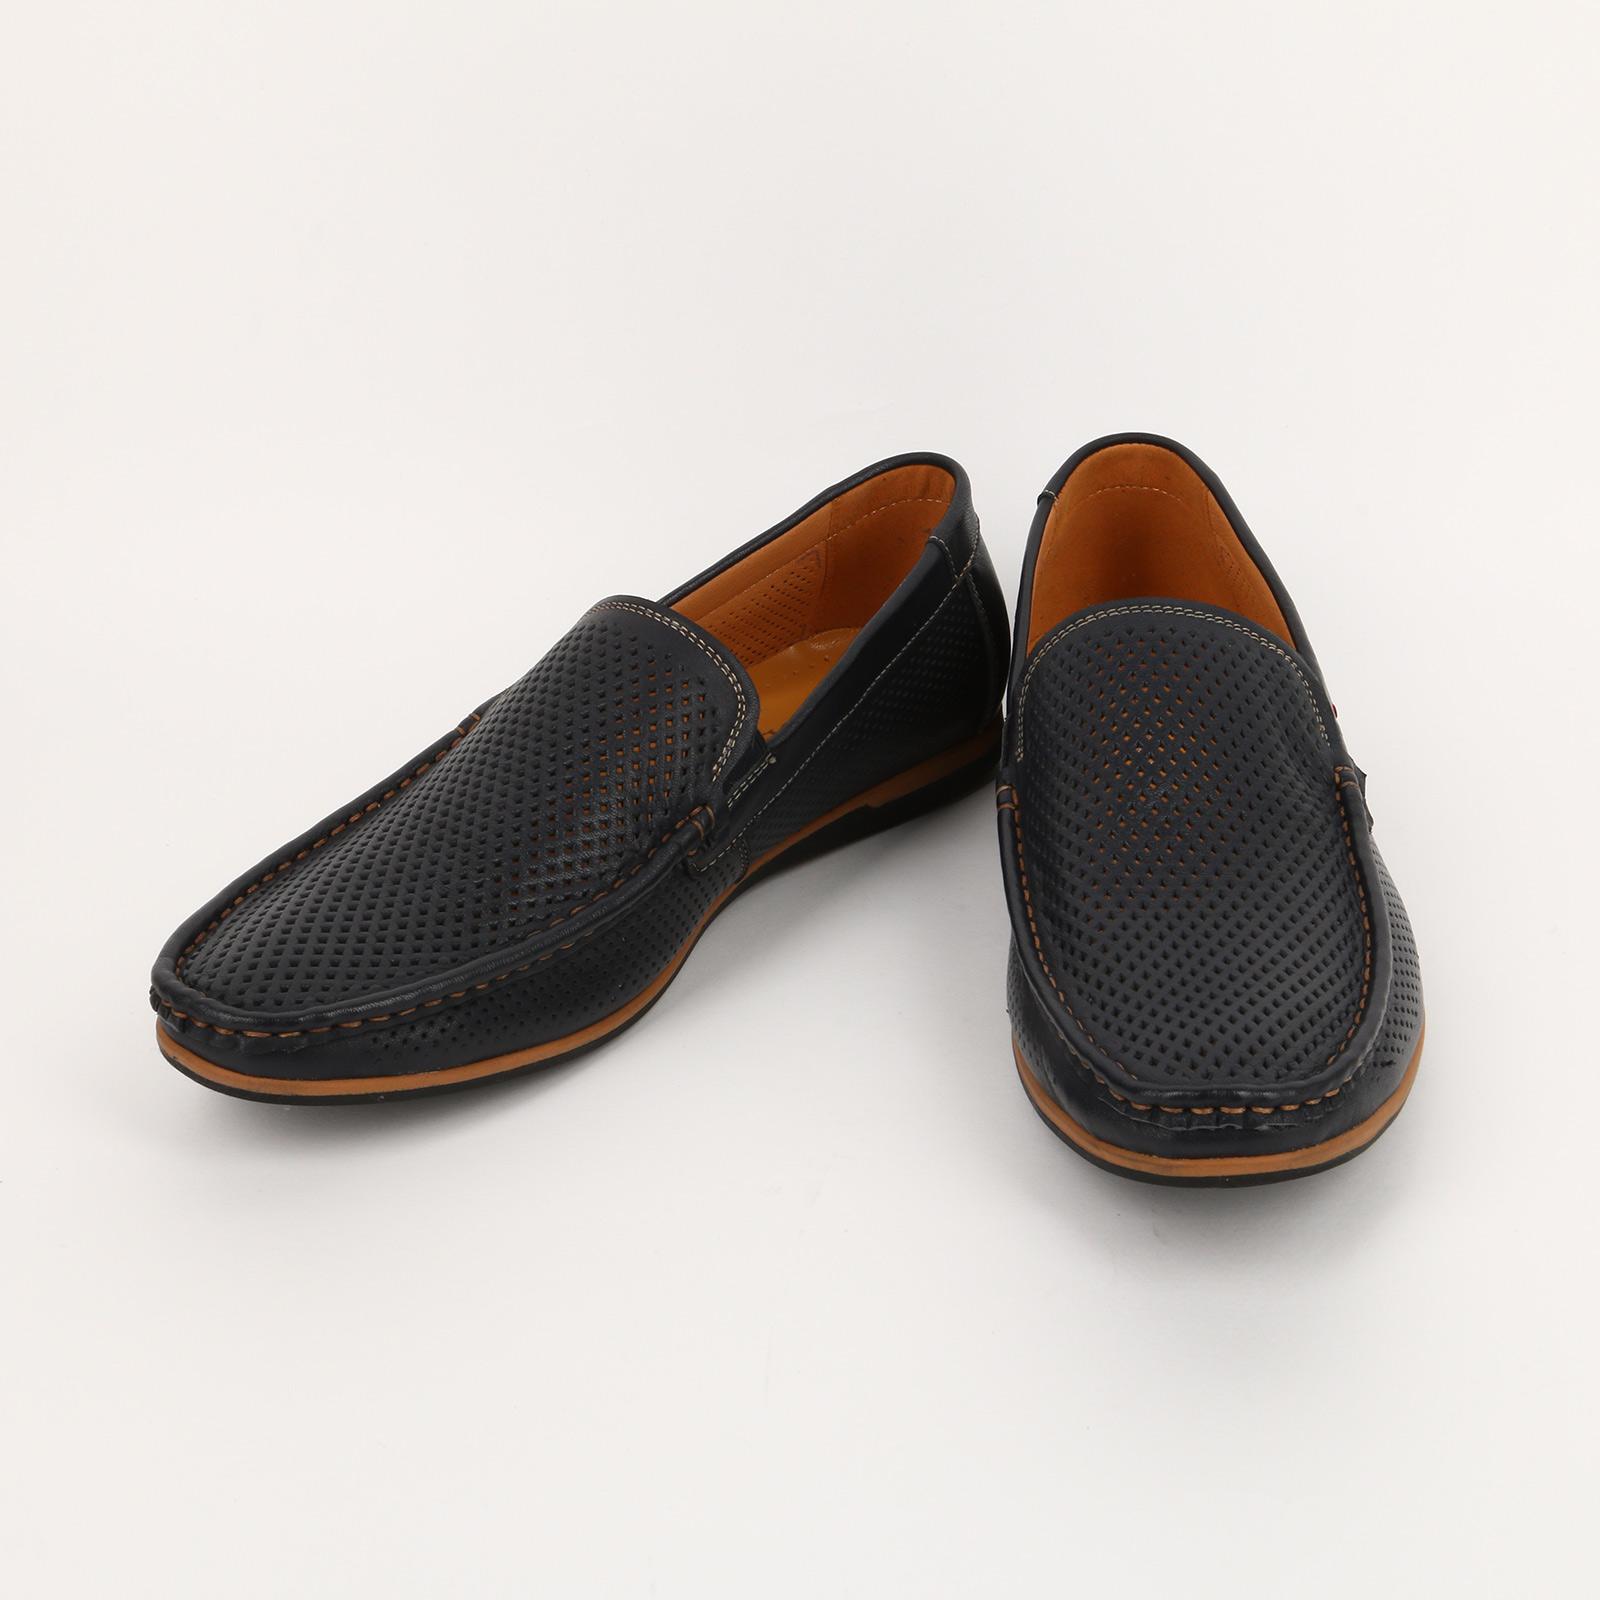 Туфли мужские из кожи перфорированные